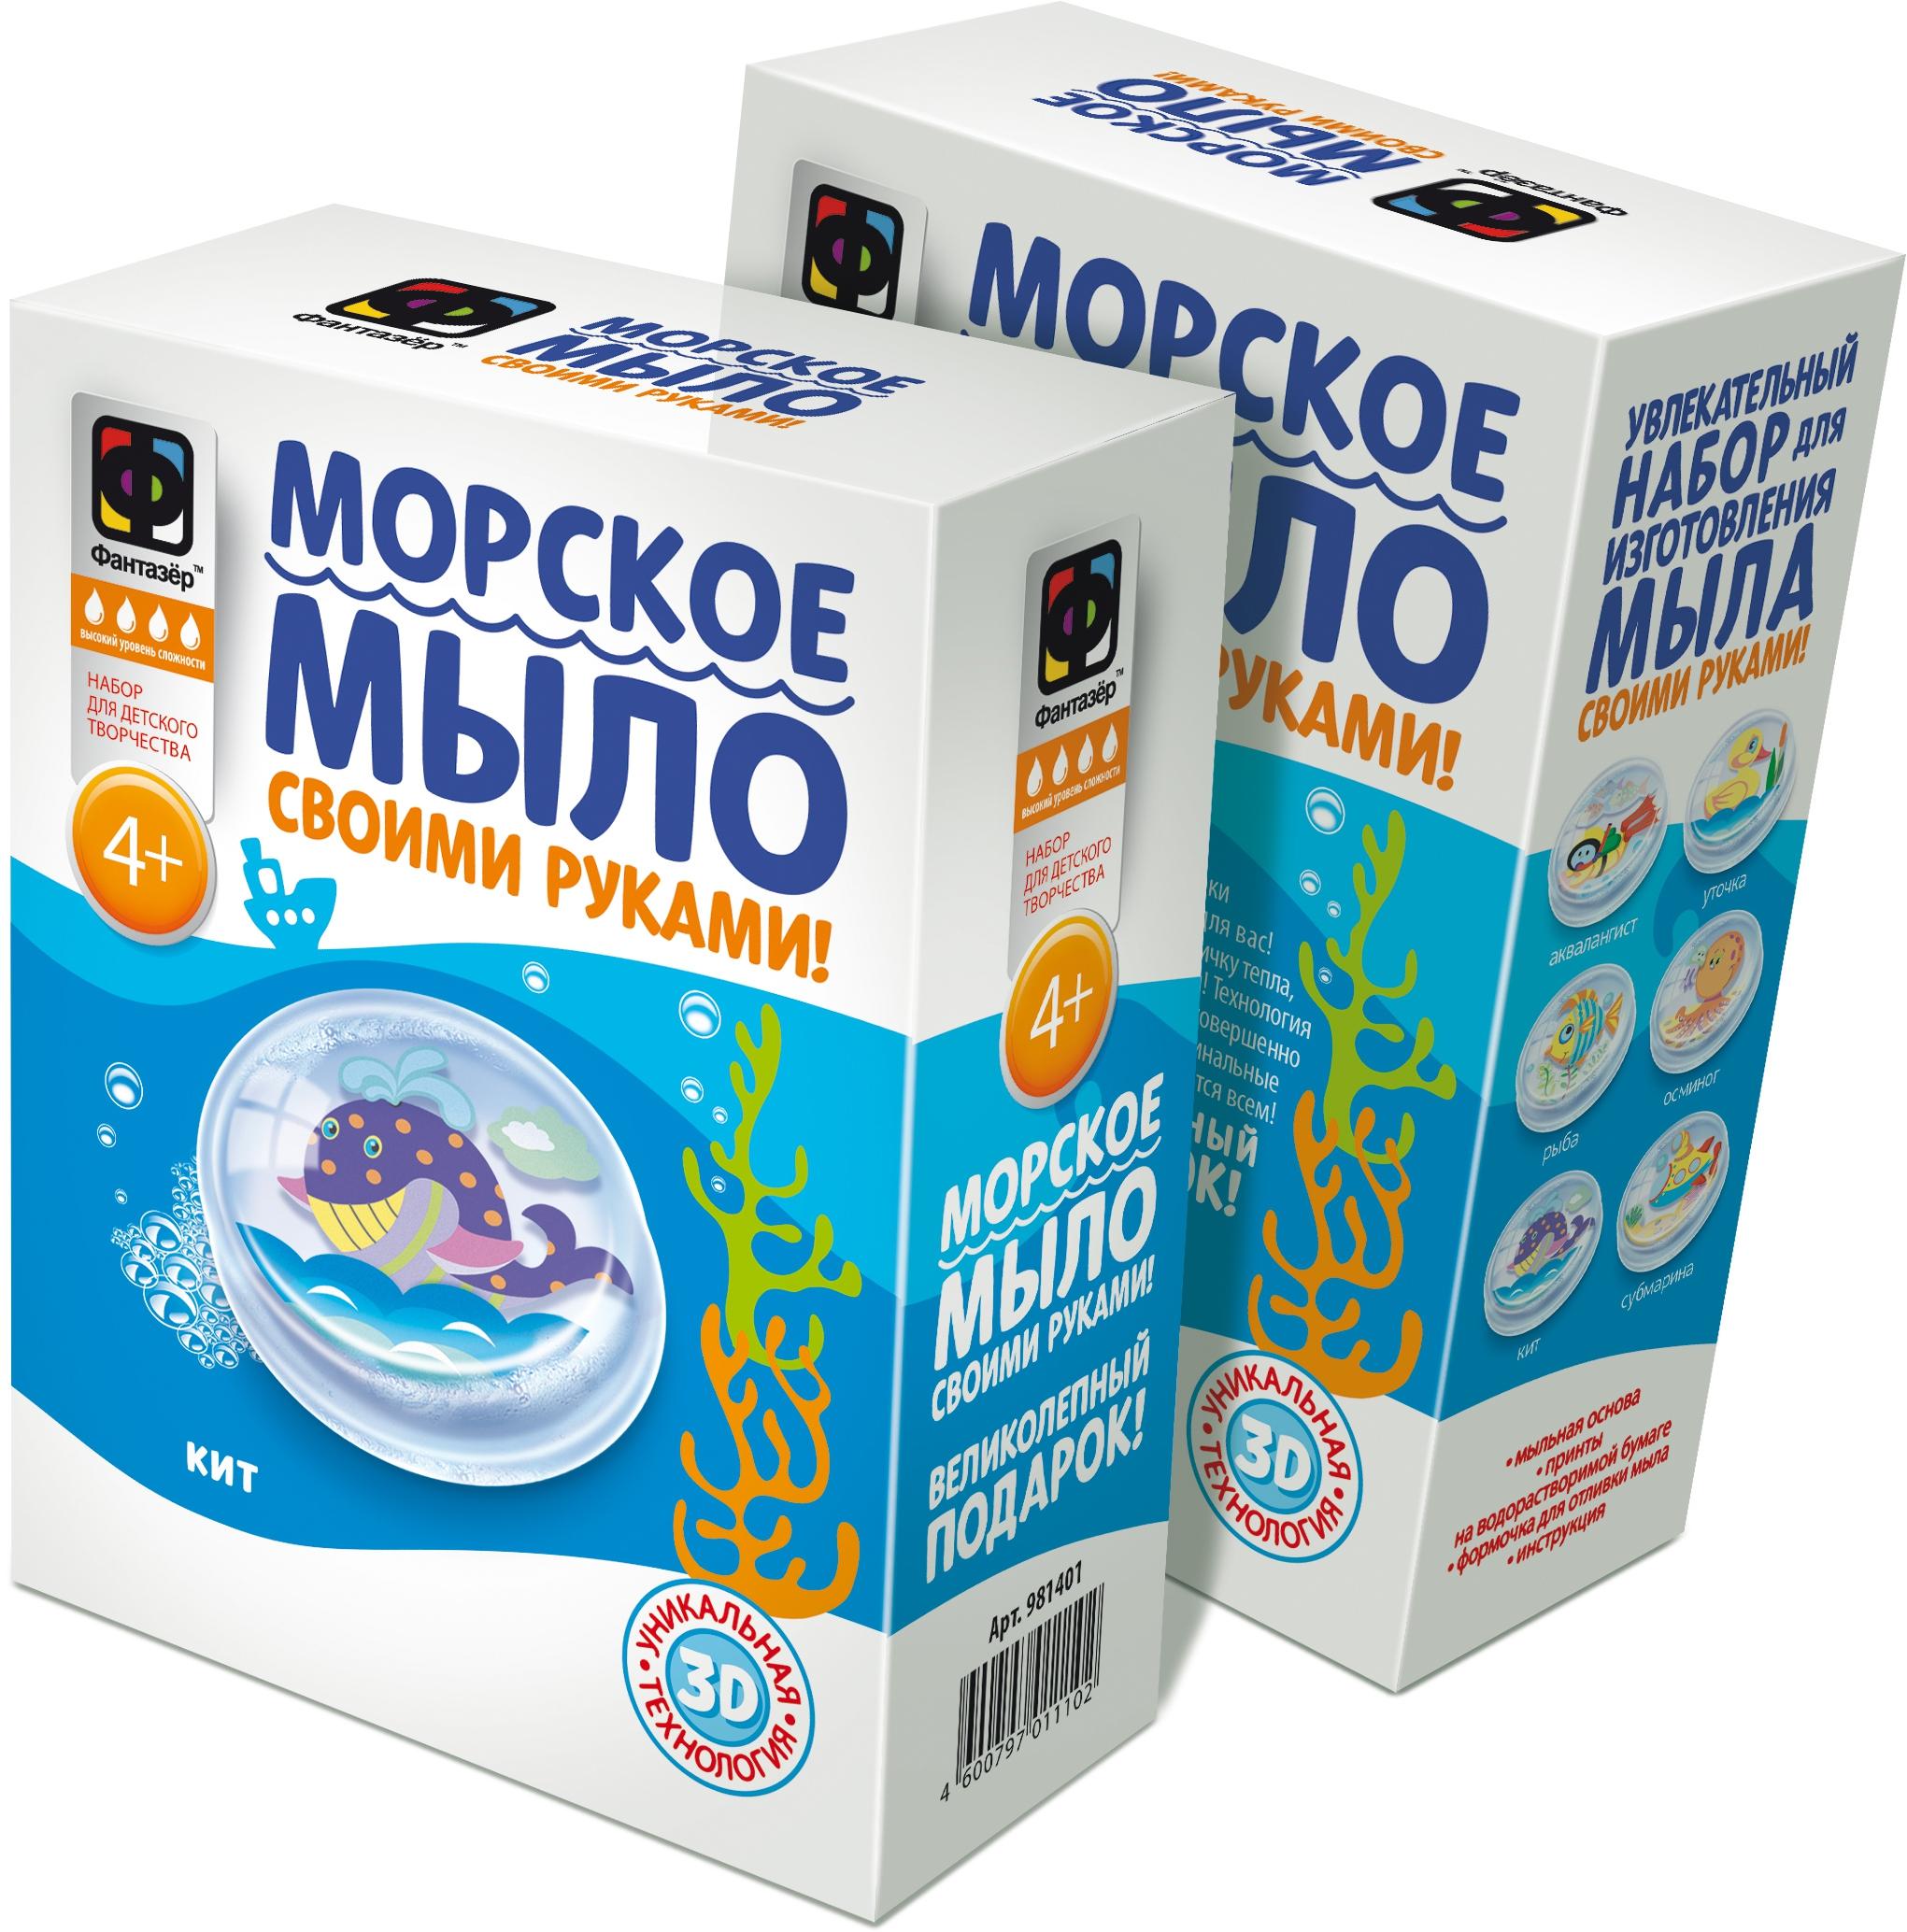 Купить Наборы для творчества, Морское мыло Кит, Фантазер, Россия